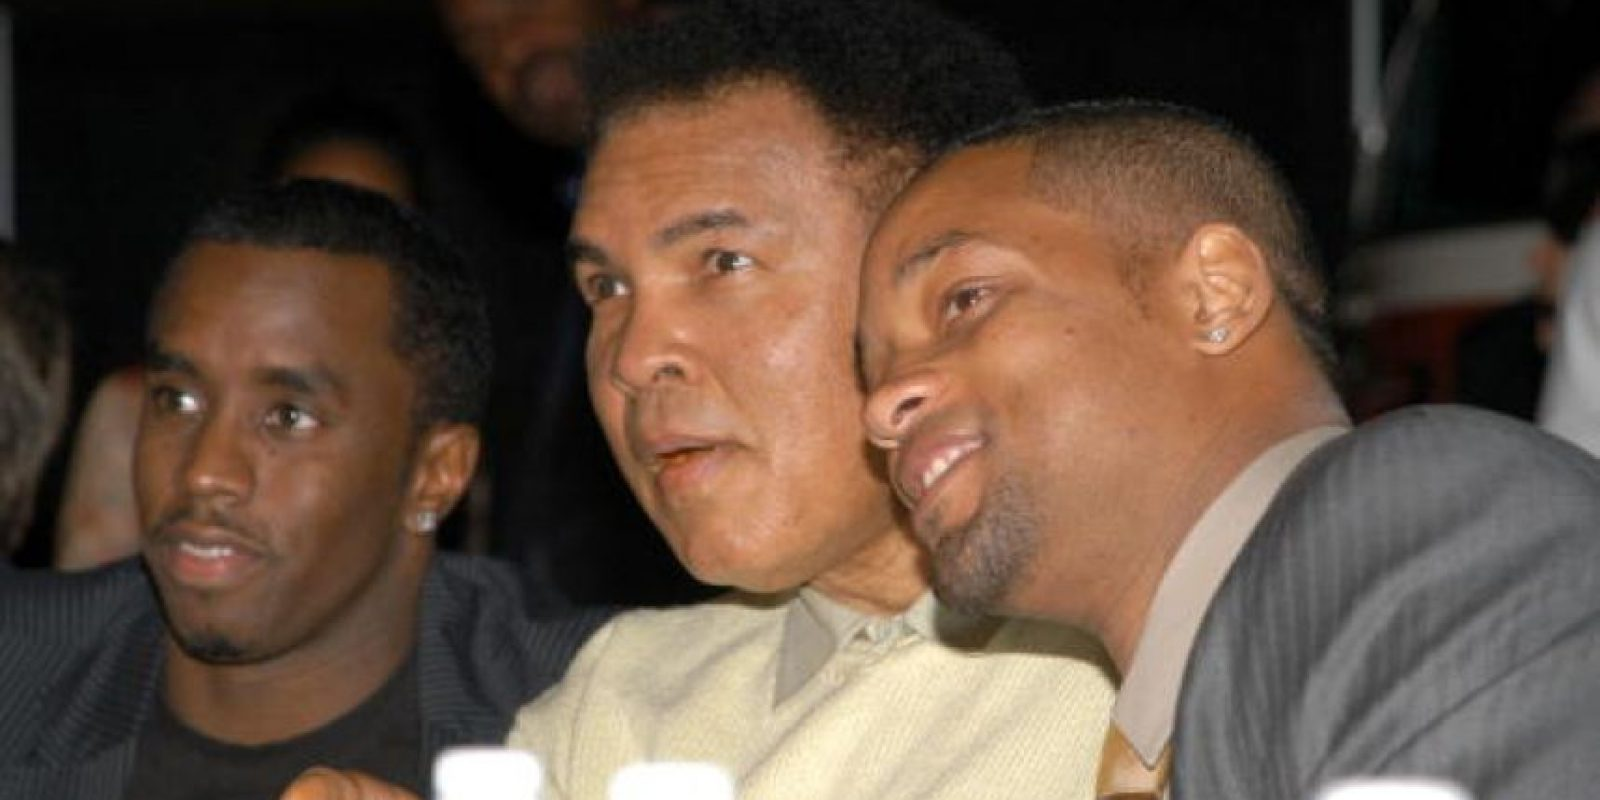 El actor era un gran amigo del boxeador y tras su muerte, comentó que 'fue una de las personas que cambió mi vida'